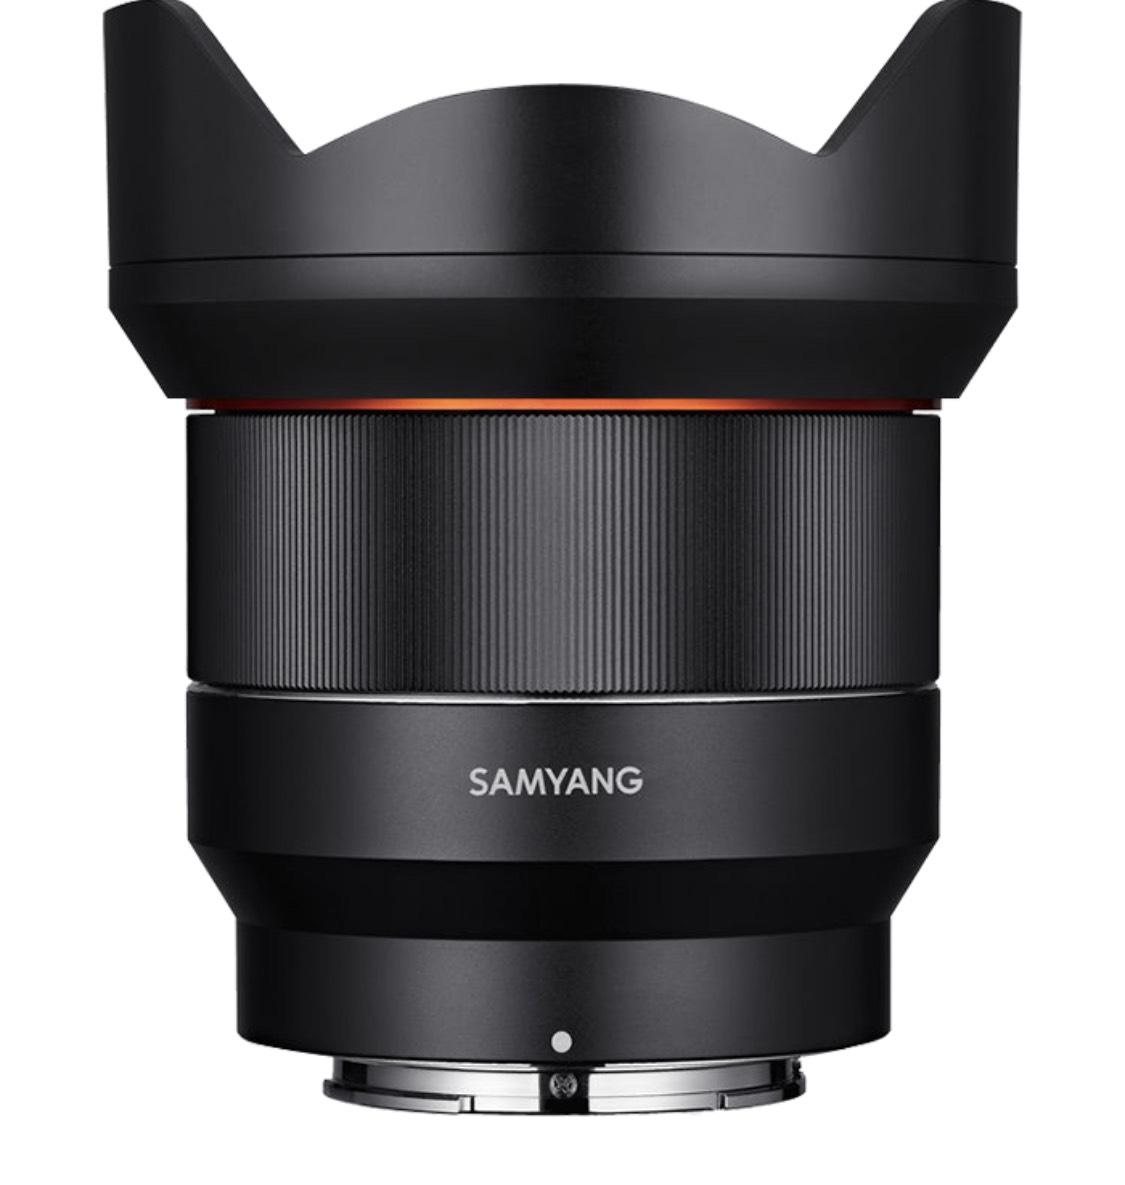 Samyang 14mm AF f2.8 Lens - Sony FE mount £379 @ Clifton Cameras